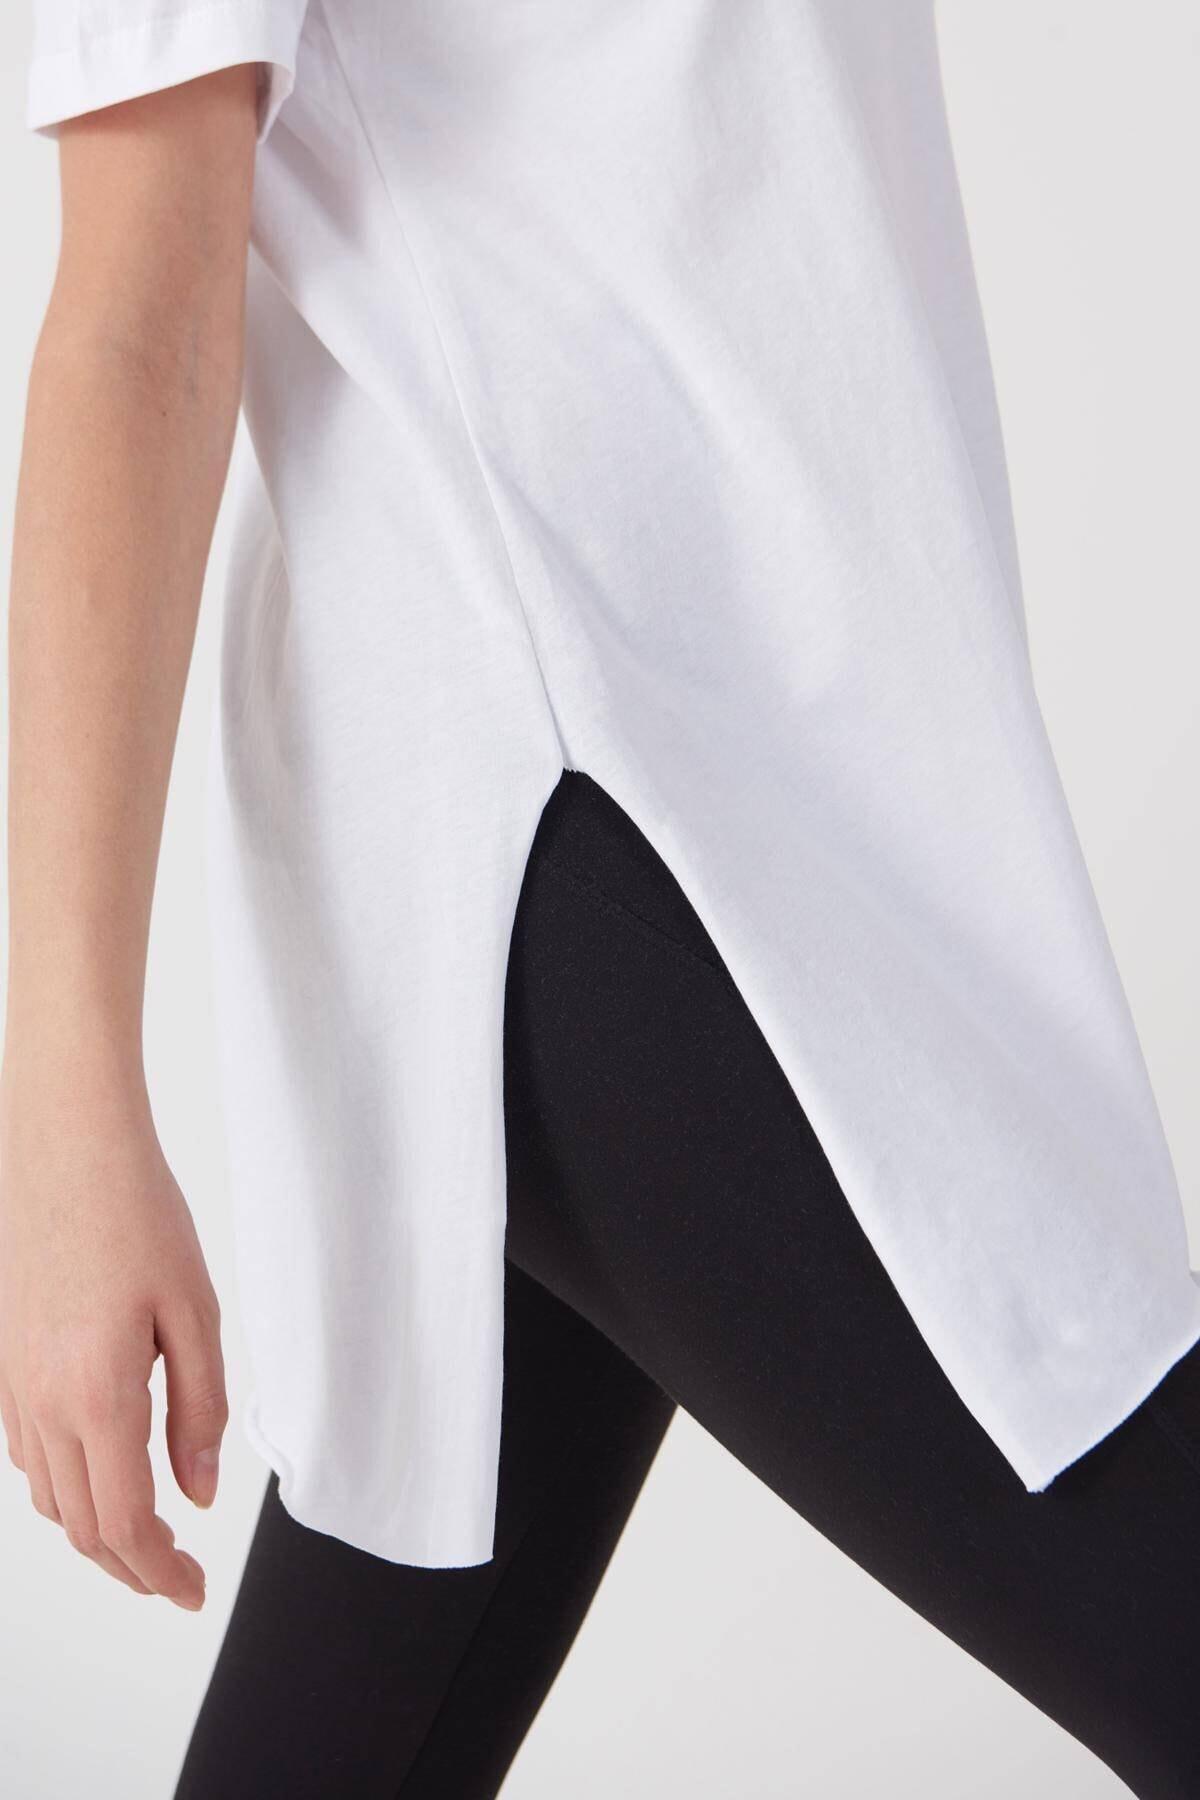 Addax Kadın Beyaz Bisiklet Yaka T-Shirt P0101 - U4 - Z1 Adx-00007204 2